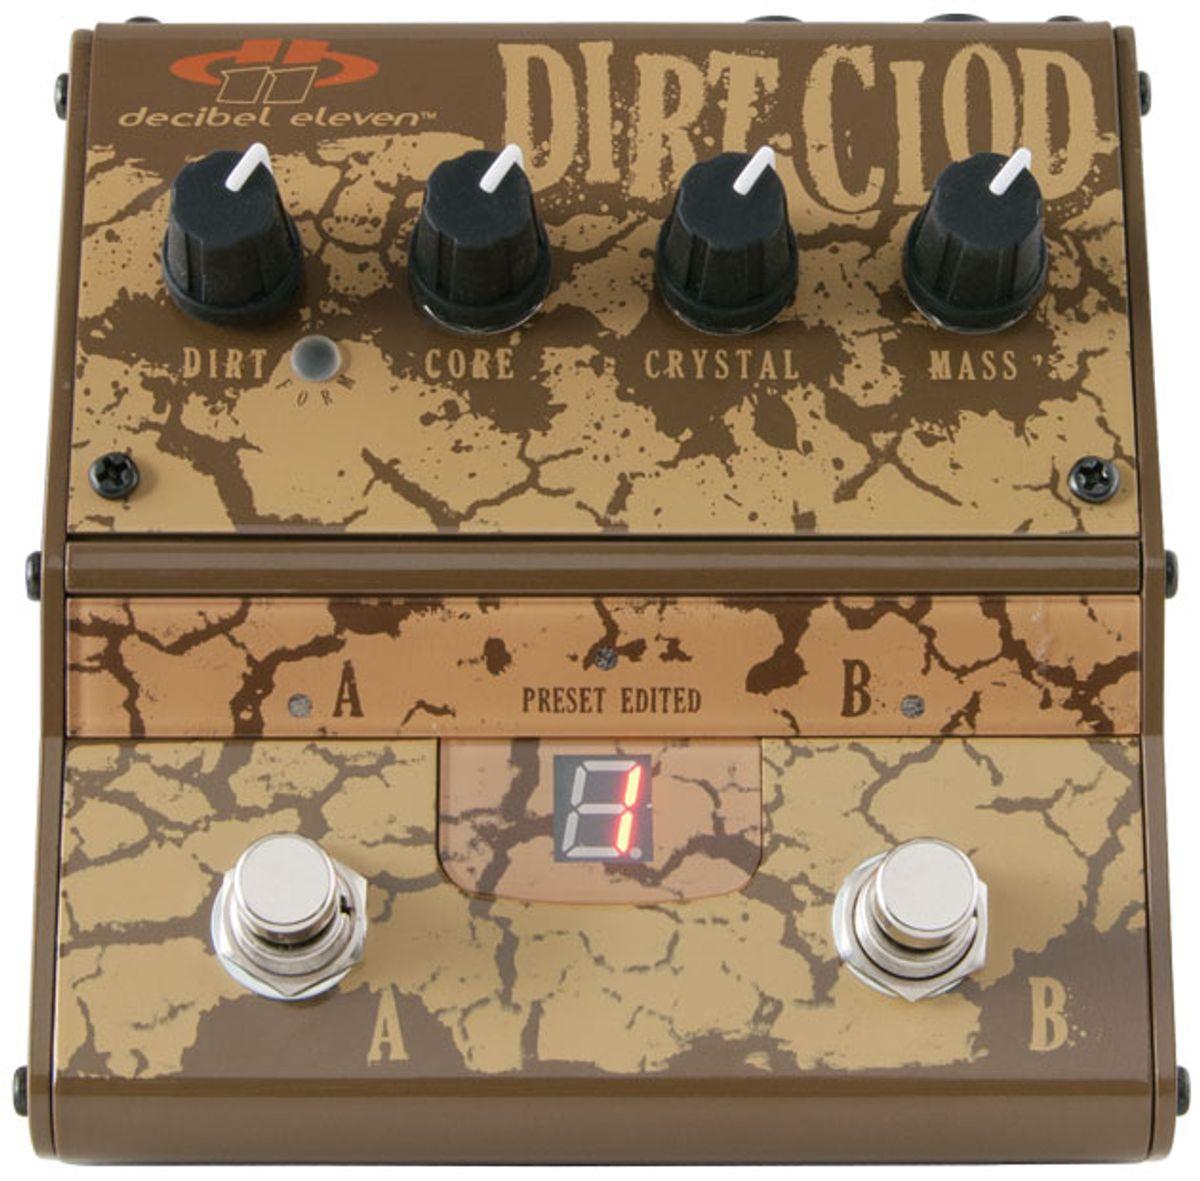 Quick Hit: Decibel 11 Dirt Clod Review